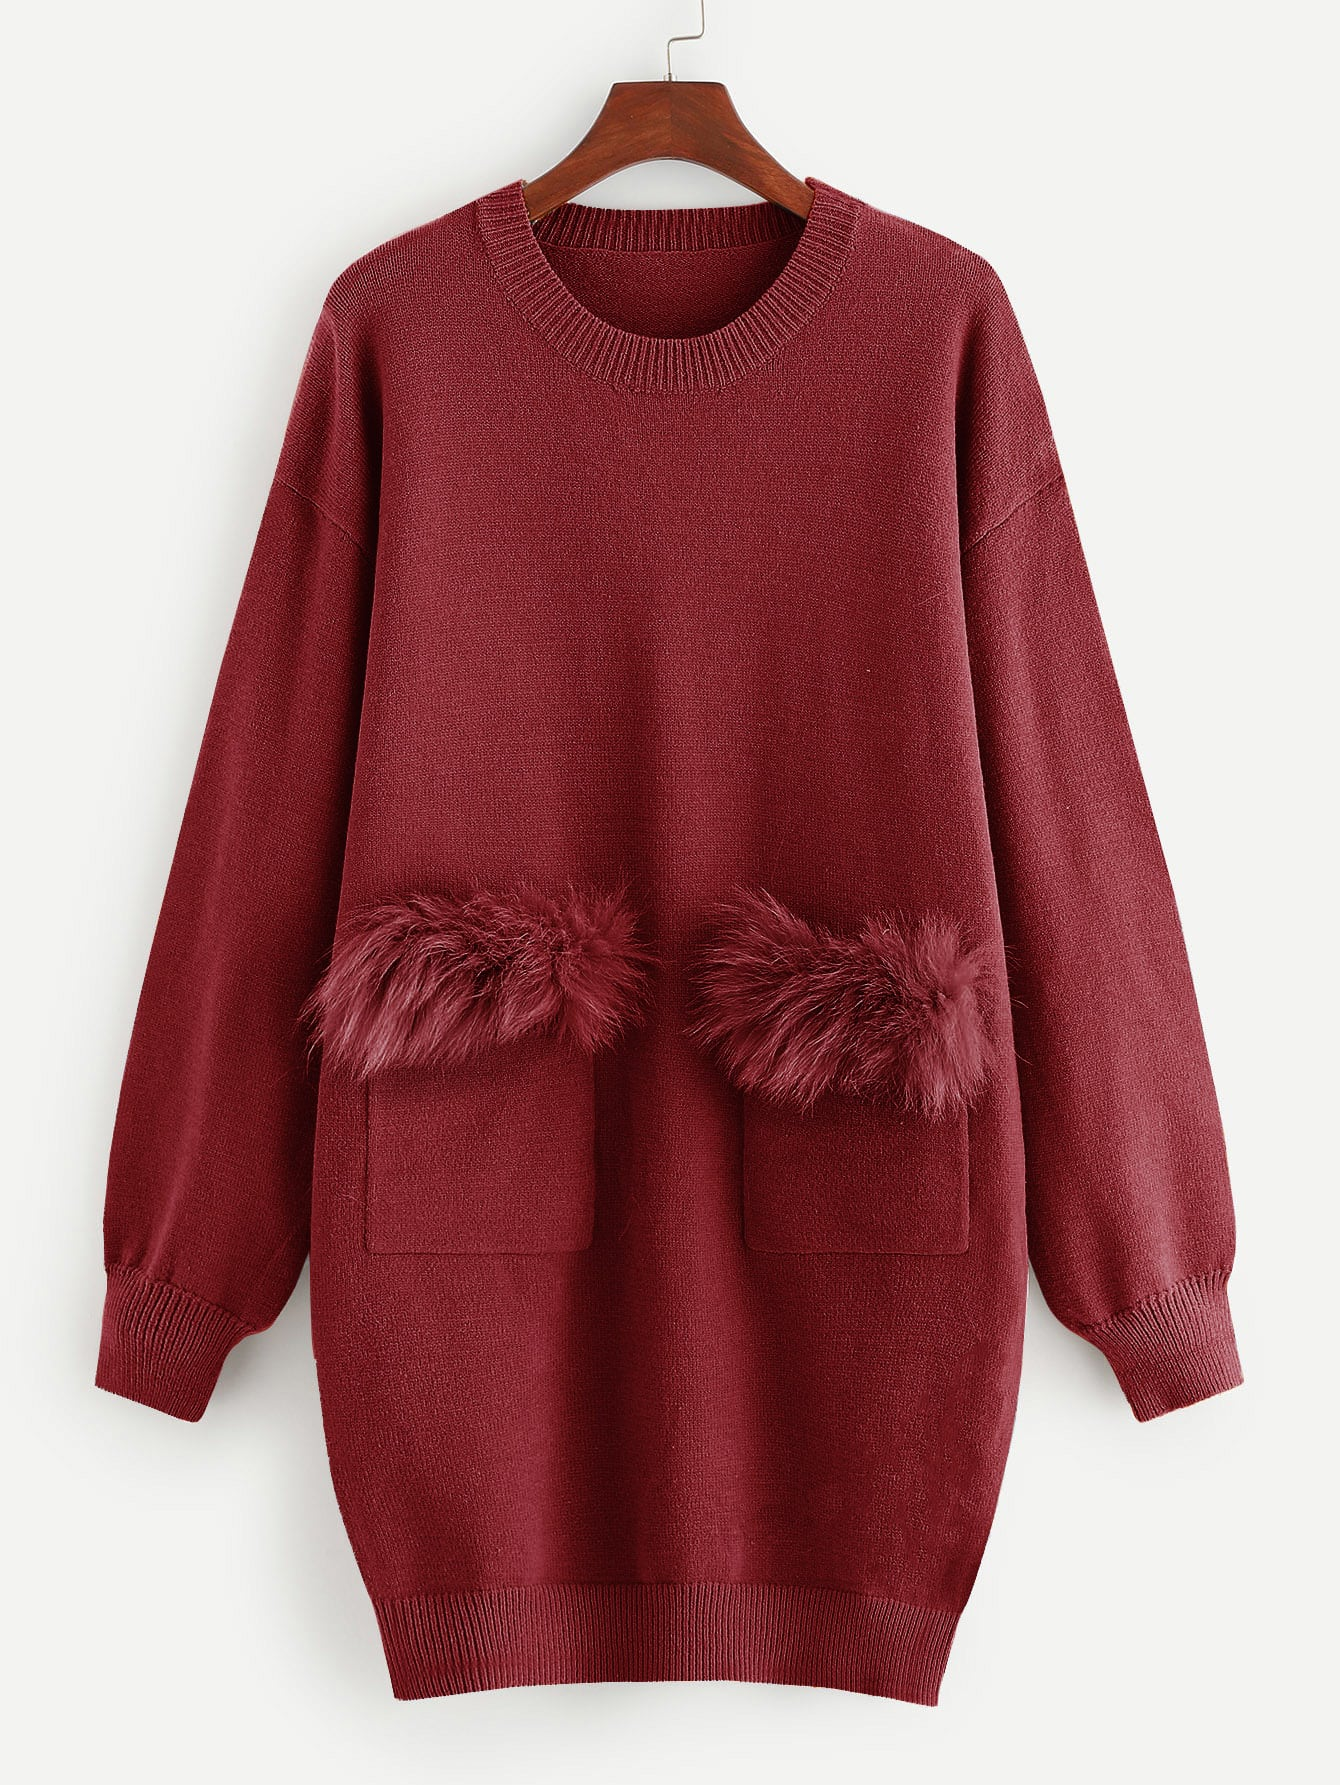 Купить Вязяное платье с заплатой из искусственных мехах, null, SheIn